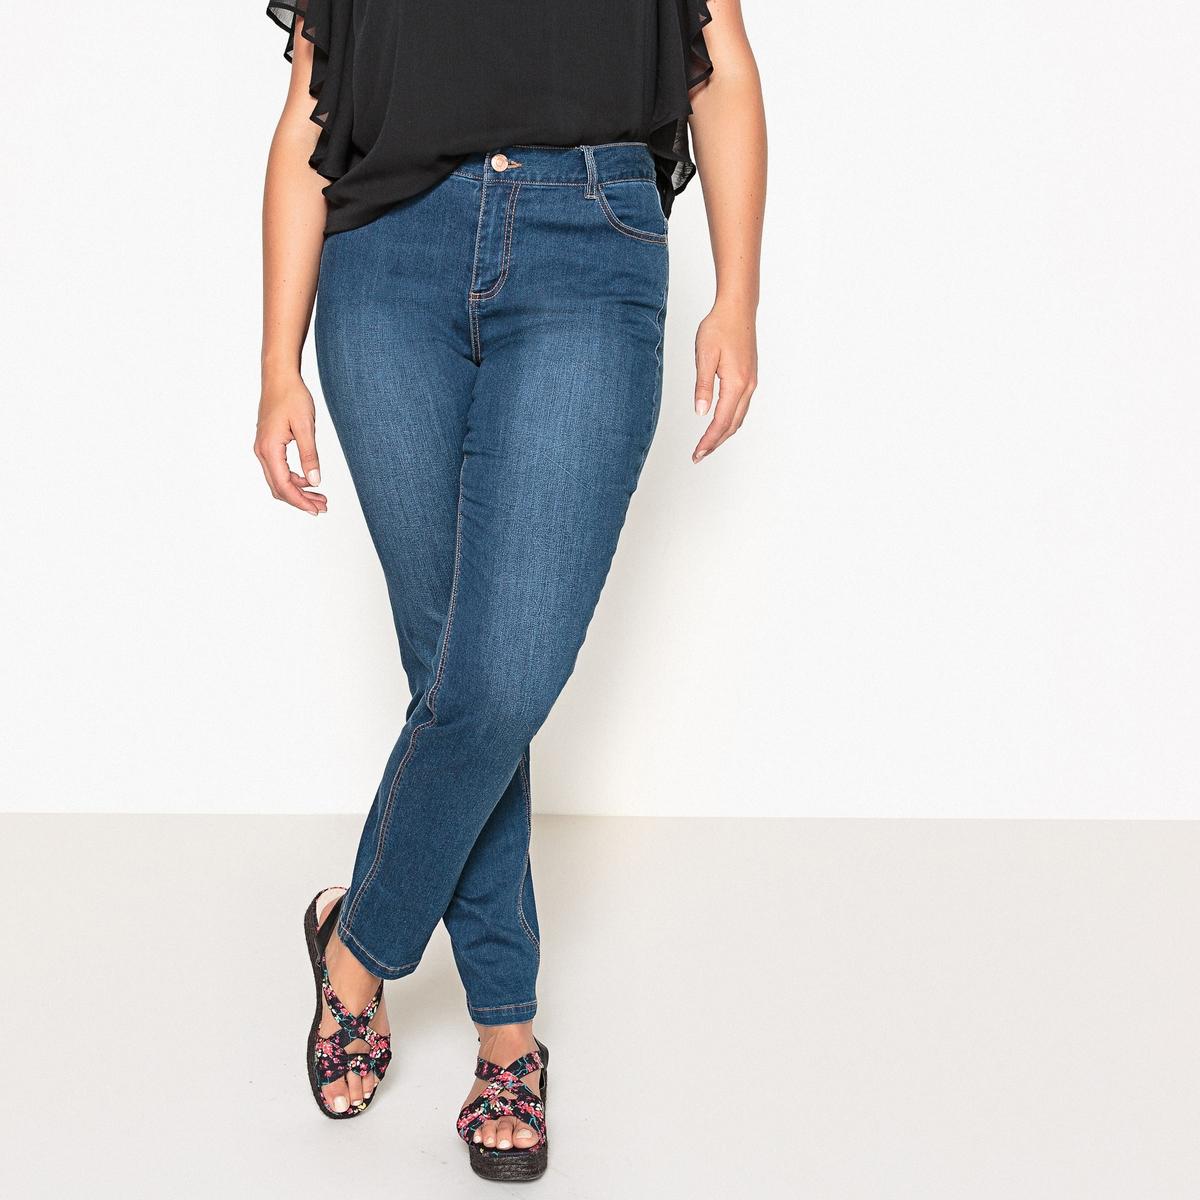 Джинсы прямые стандартного покроя джинсы прямые gen